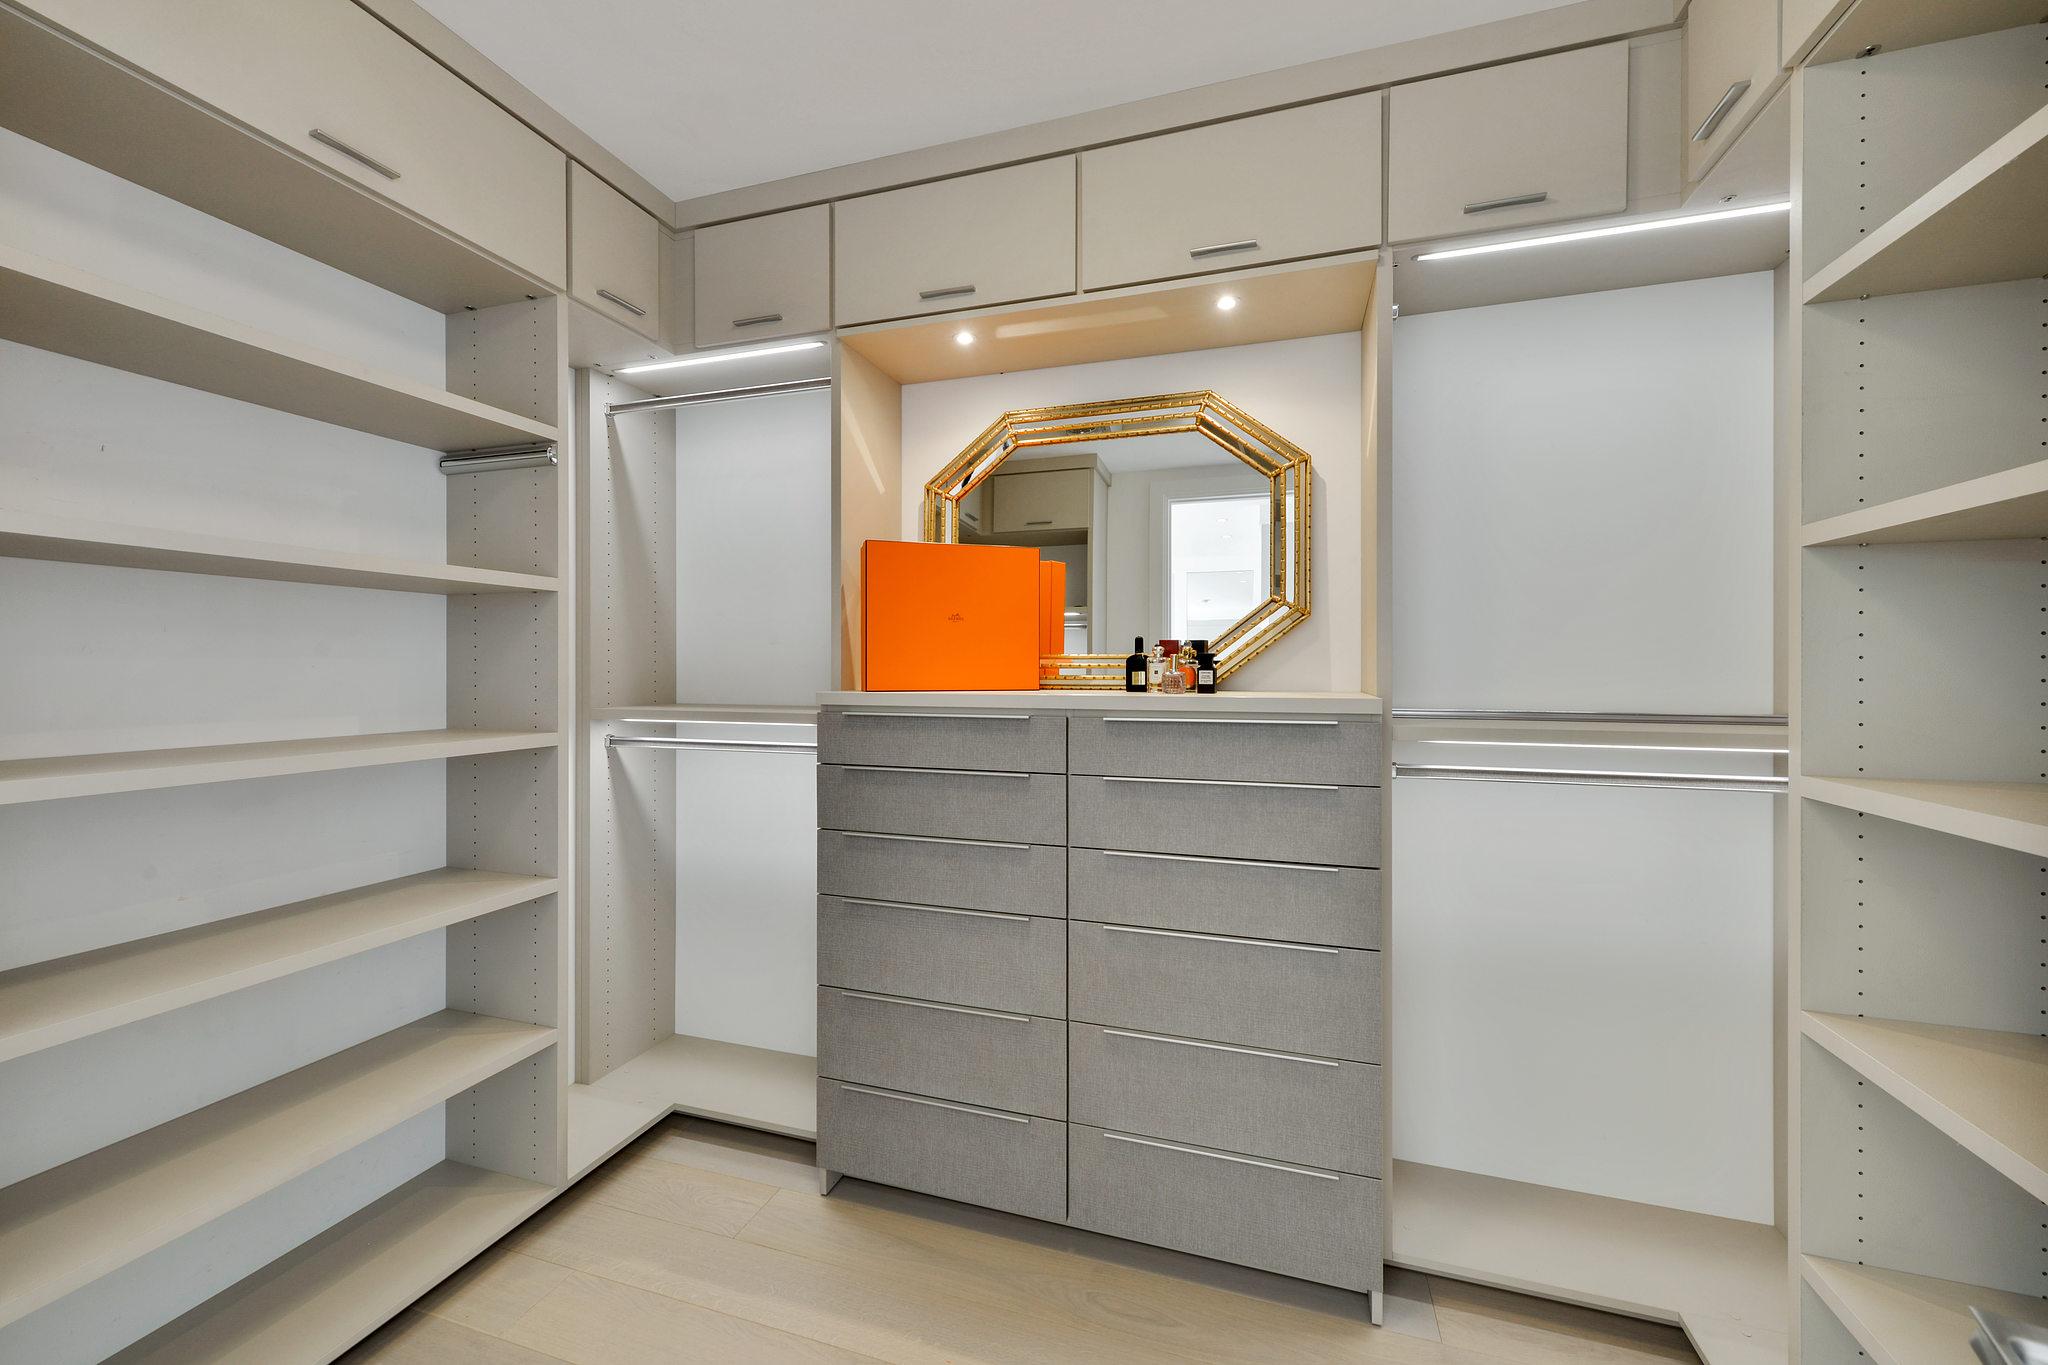 Luxury Homes in SF - Walkin closet